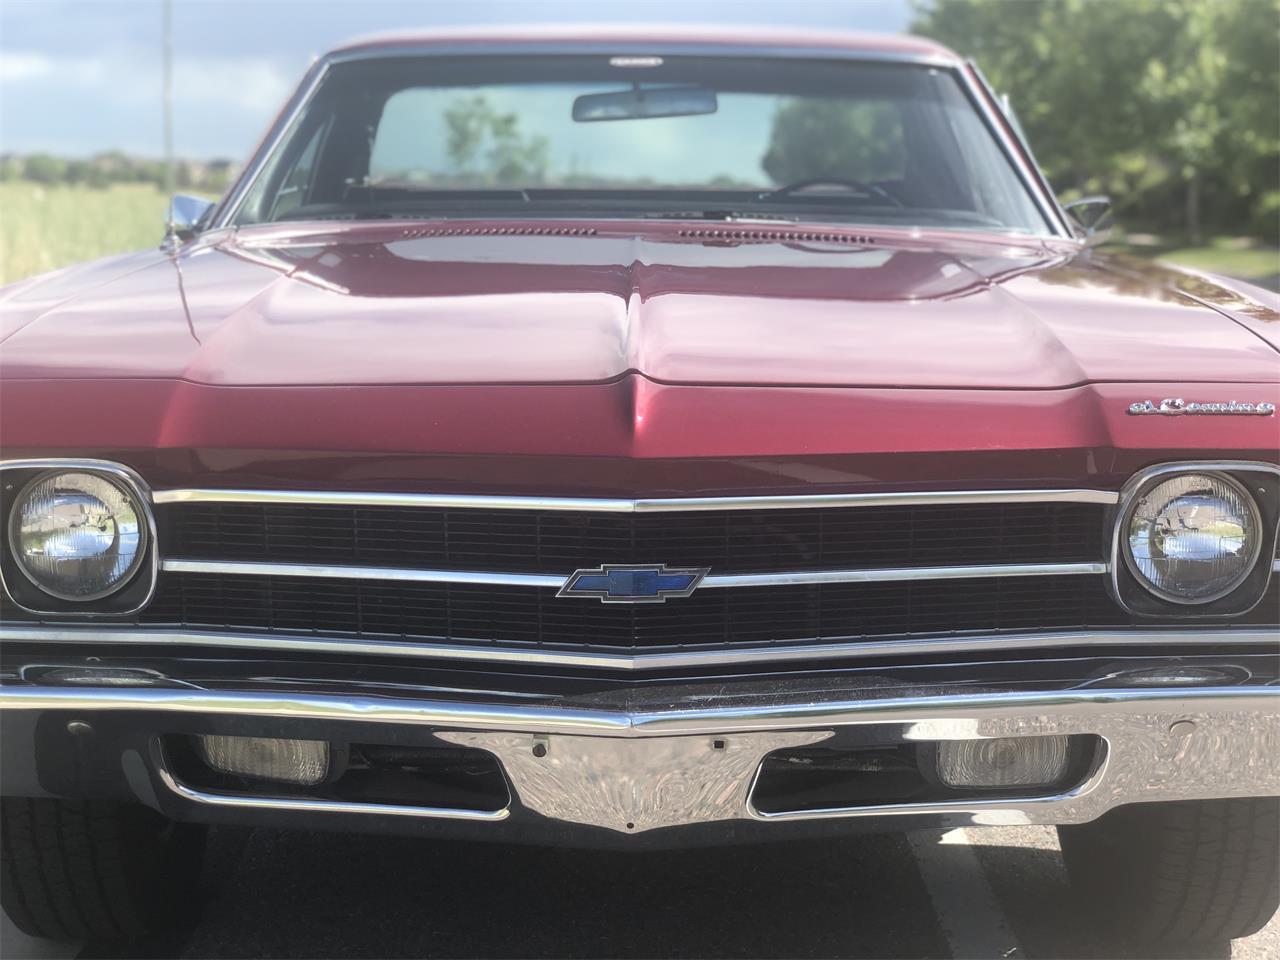 1969 Chevrolet El Camino (CC-1230700) for sale in Denver, Colorado